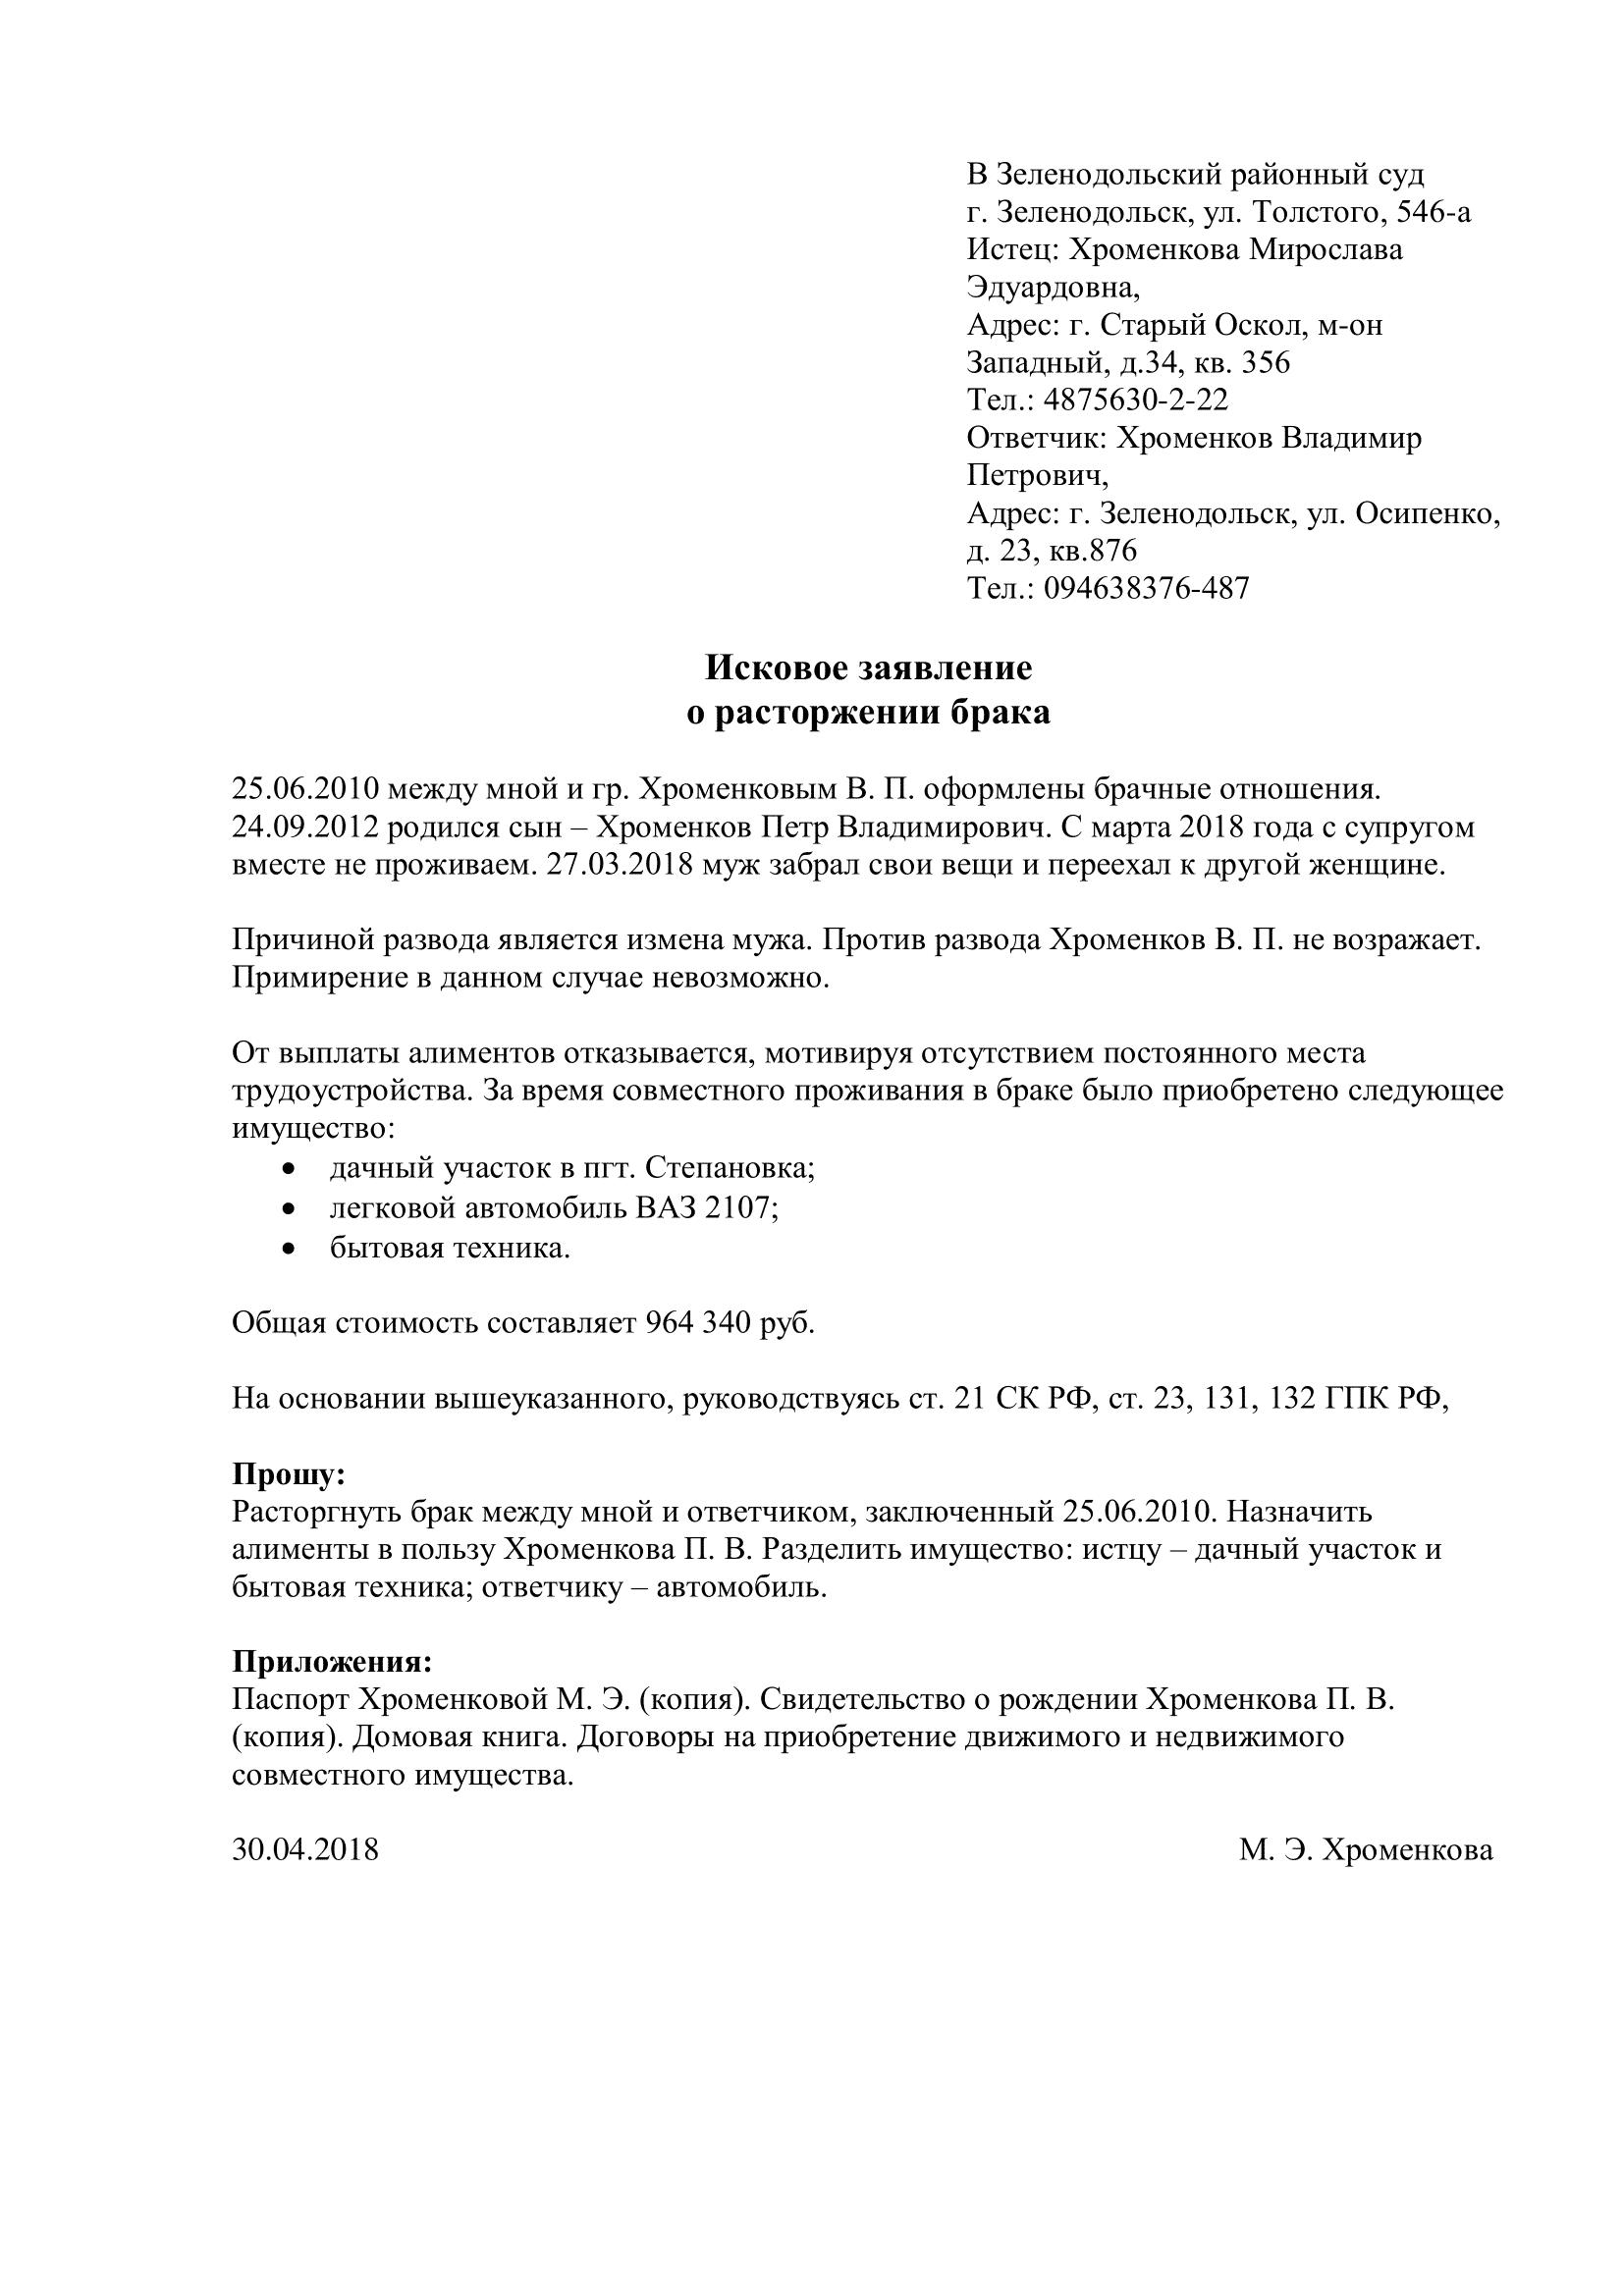 Исковое заявление о расторжении брака в районный суд (образец)